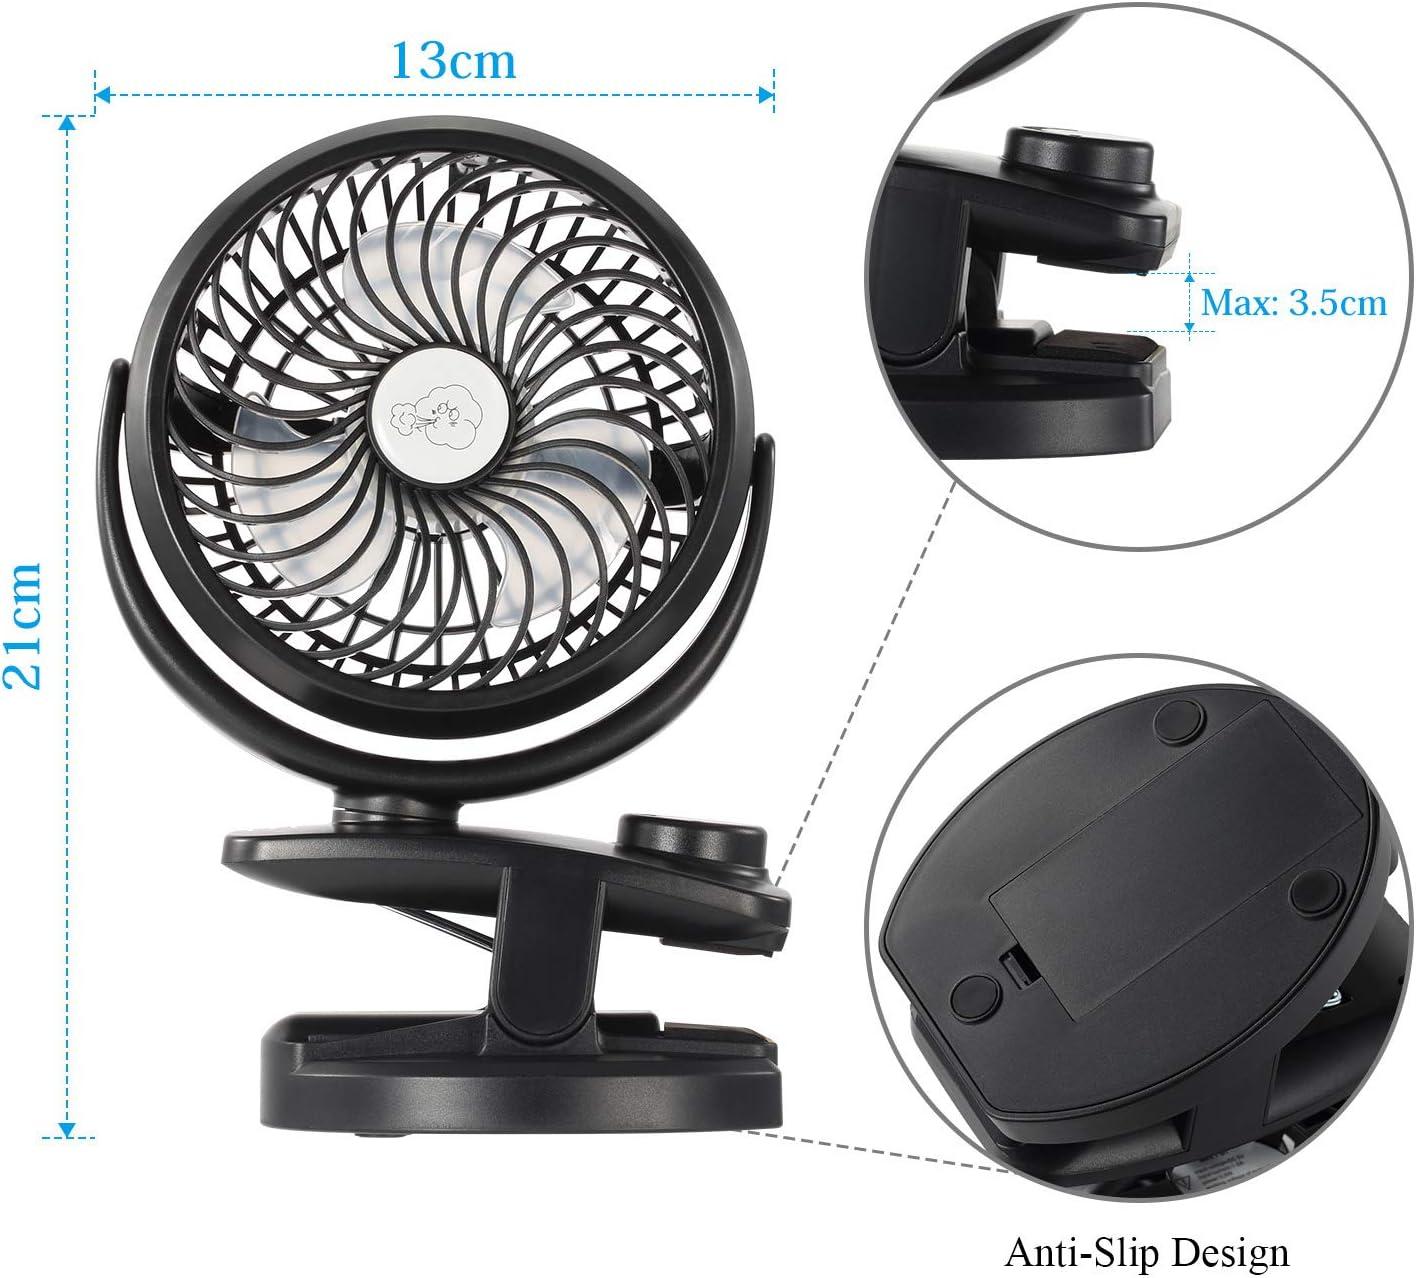 Mini Ventilateur /à Clip avec Rotation /à 360/° pour B/éb/é Sendowtek USB Ventilateur Rechargeable 4400mAH Piles Ventilateur de Bureau Portable pour Poussette//Domicile//Ext/érieur Ventilateur Voiture